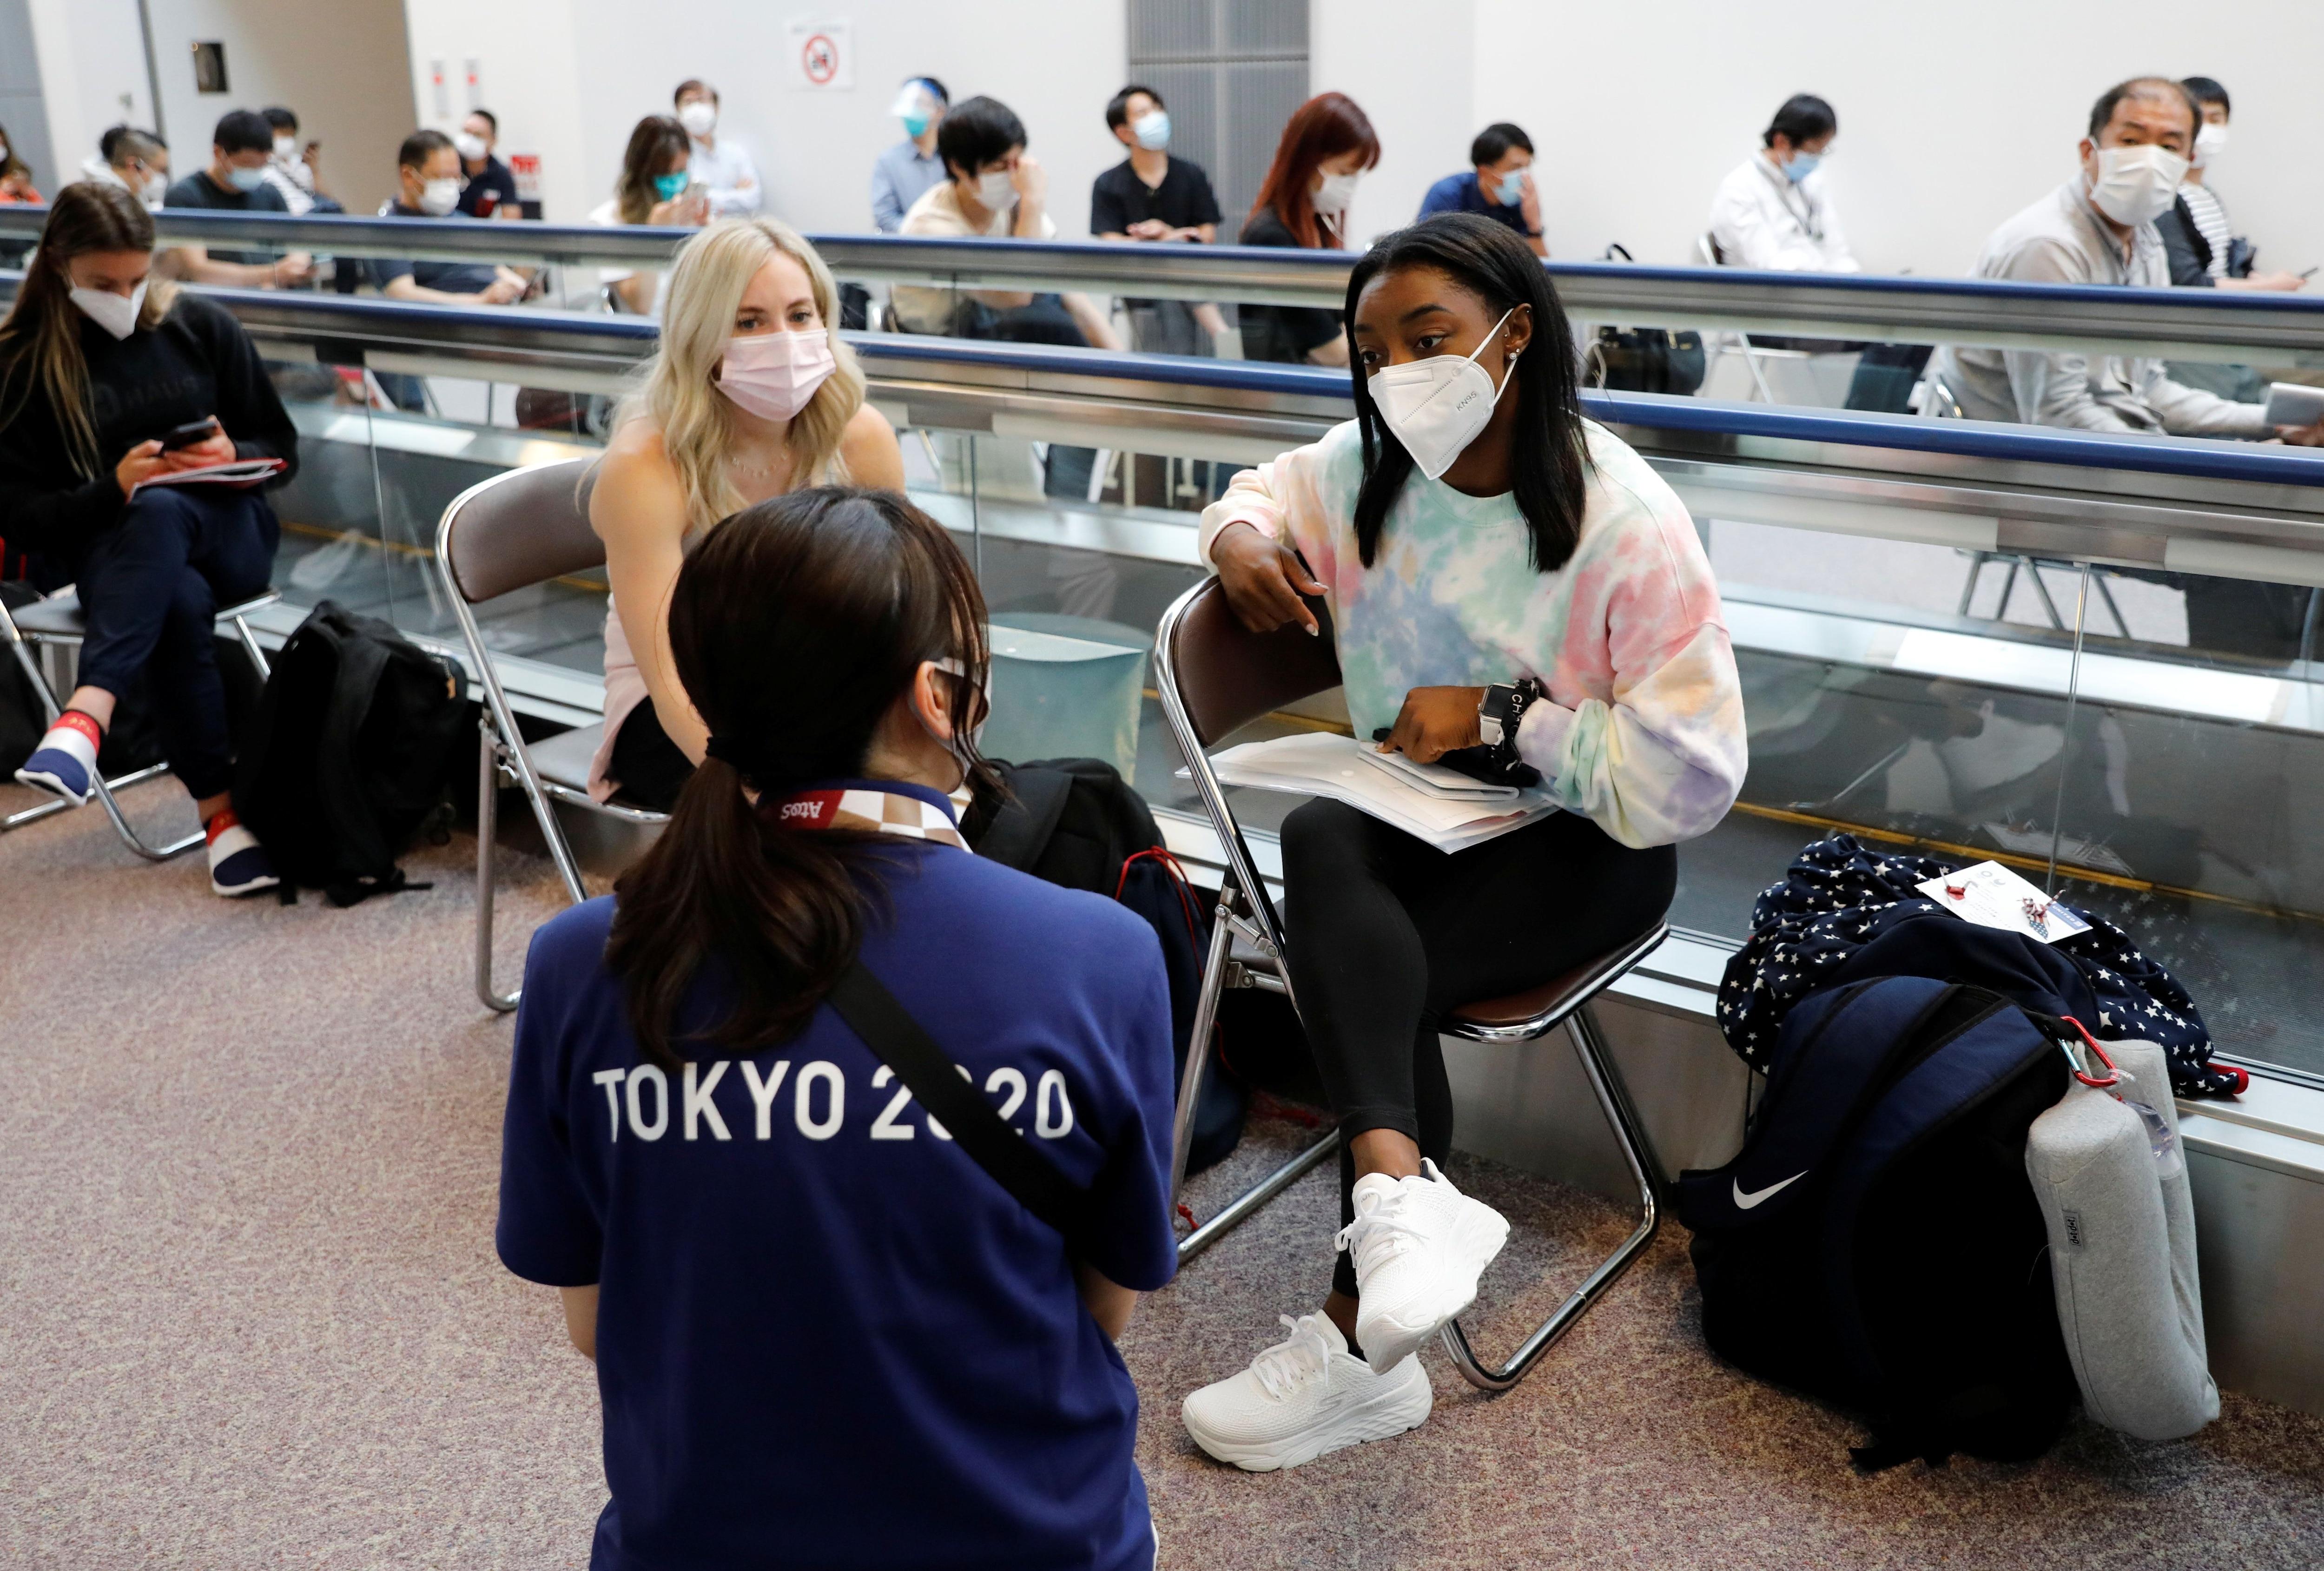 Simone Biles y el equipo de gimnasia de Estados Unidos llegaron a Tokio hace algunos días (REUTERS/Issei Kato)